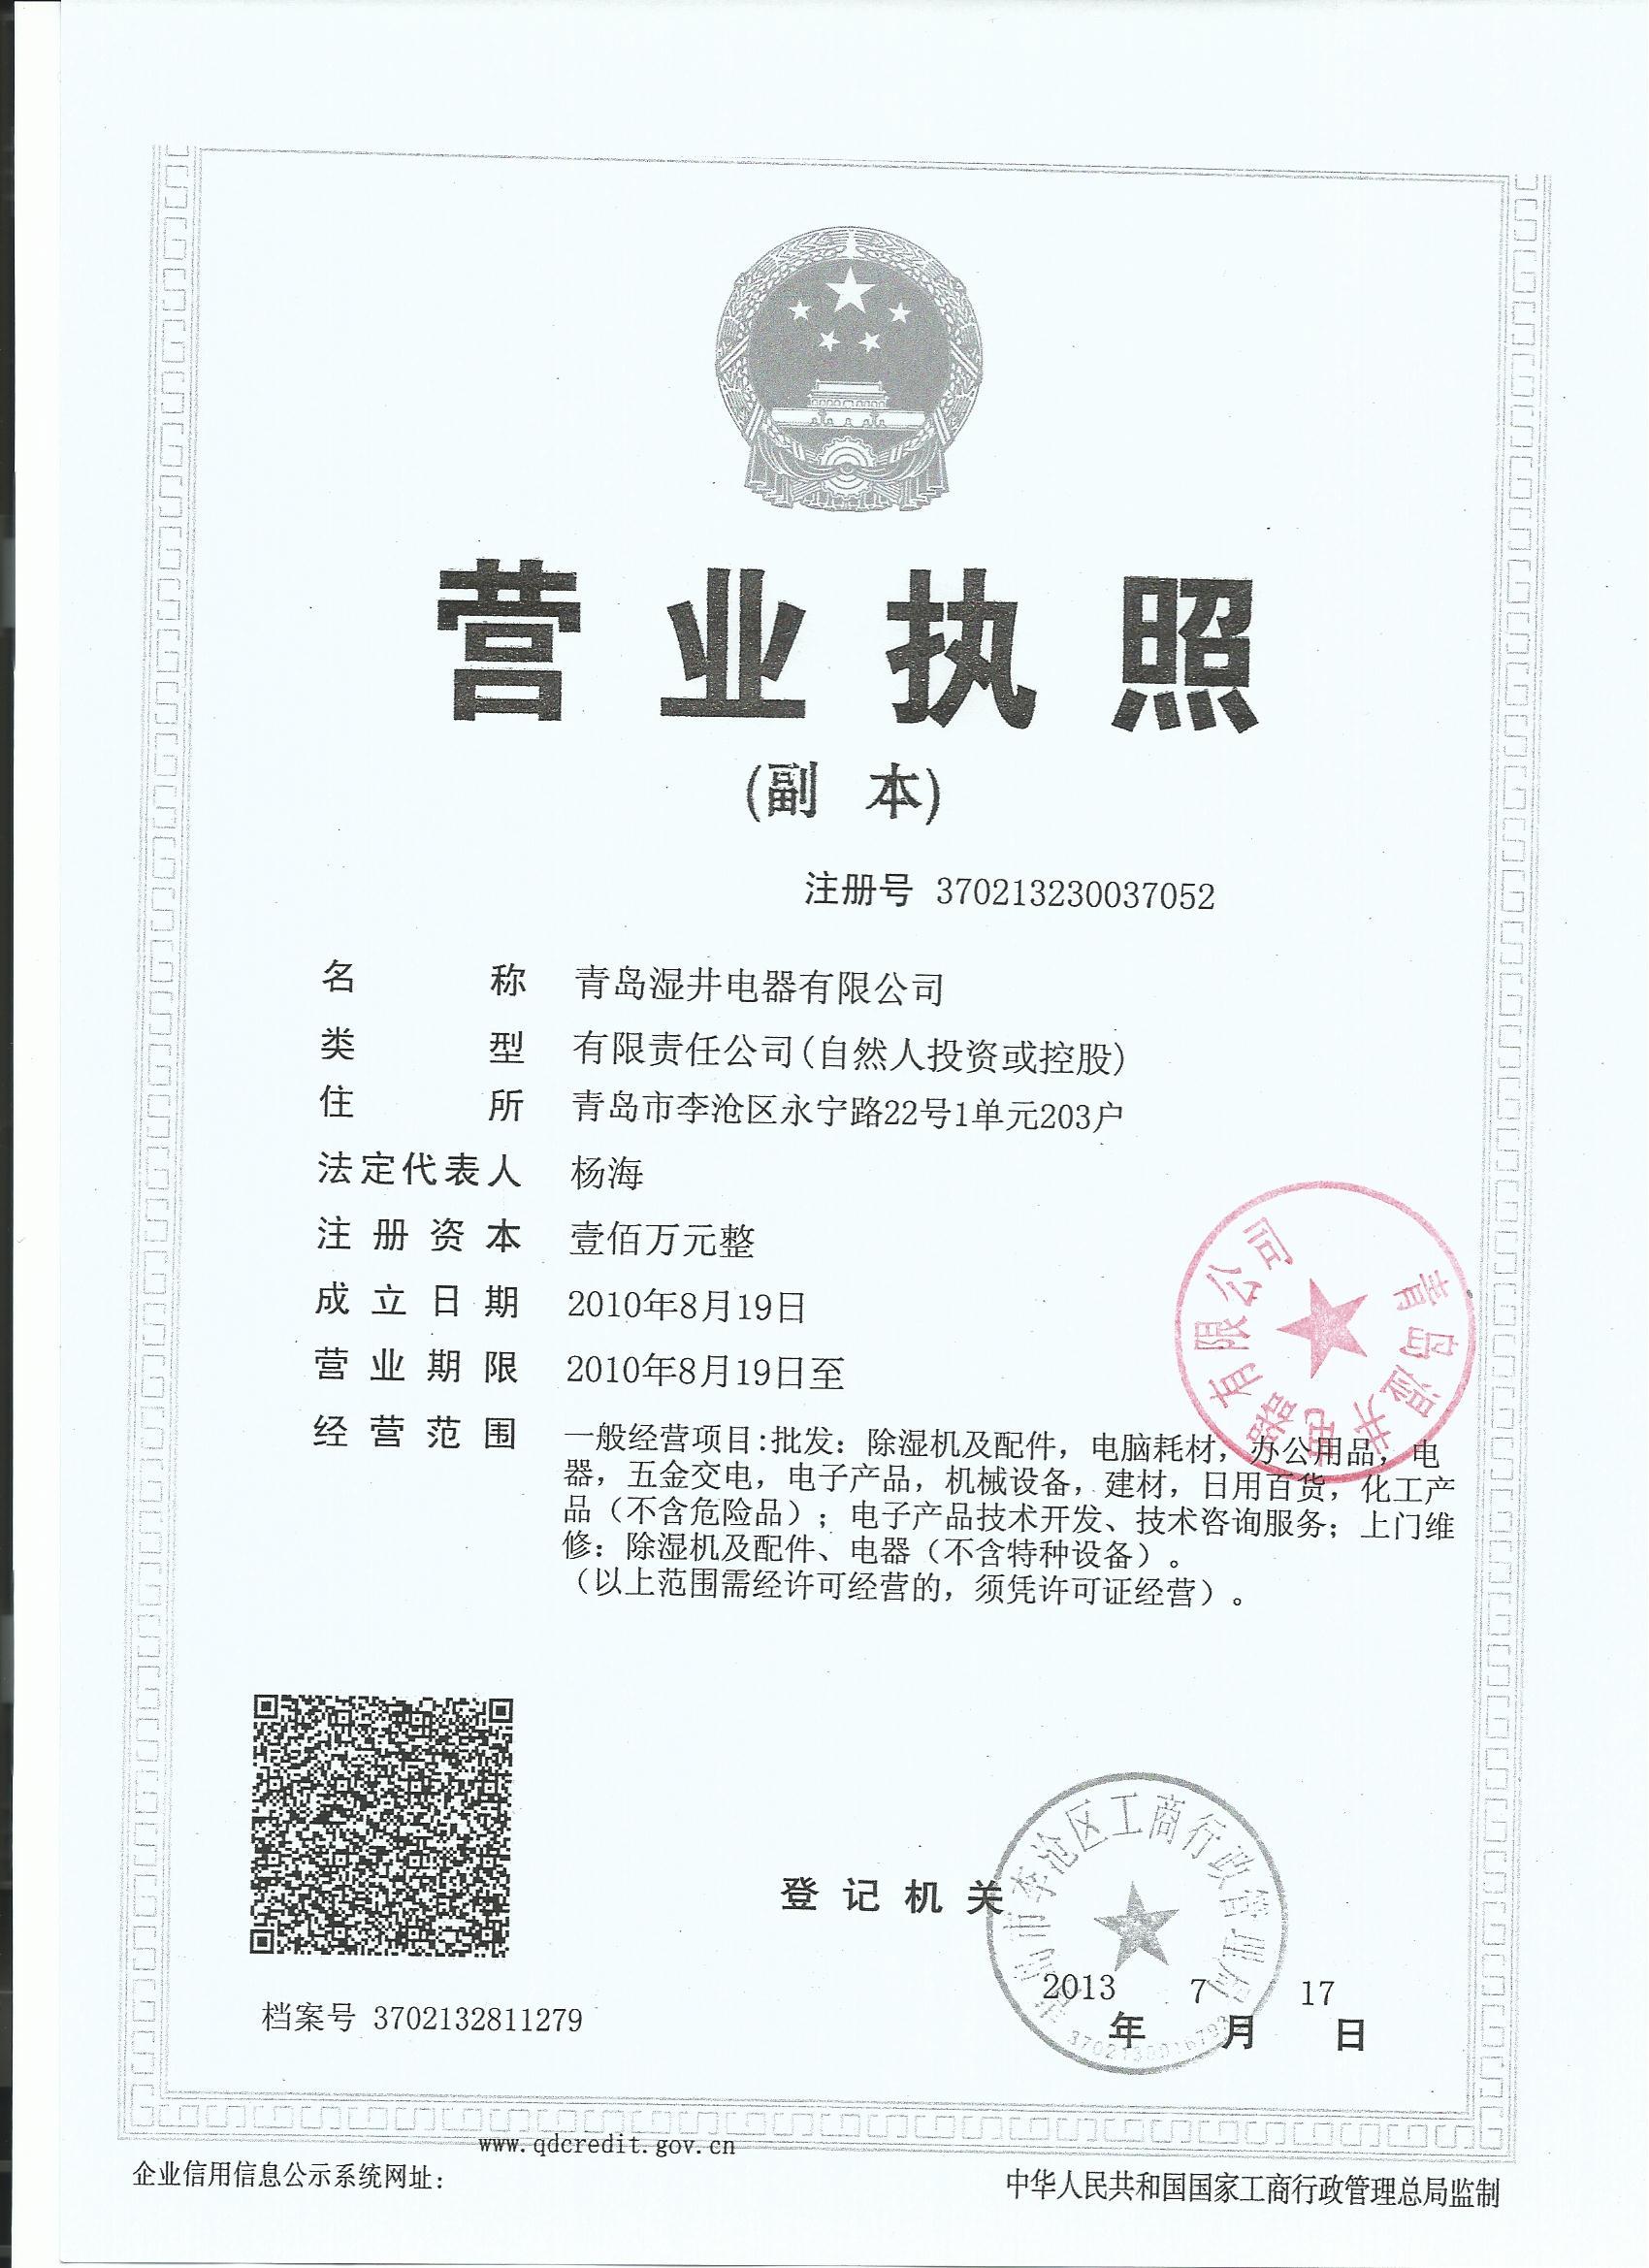 1号 查看工商注册信息 → 联系方式 公司名称: 青岛湿井电器有限公司